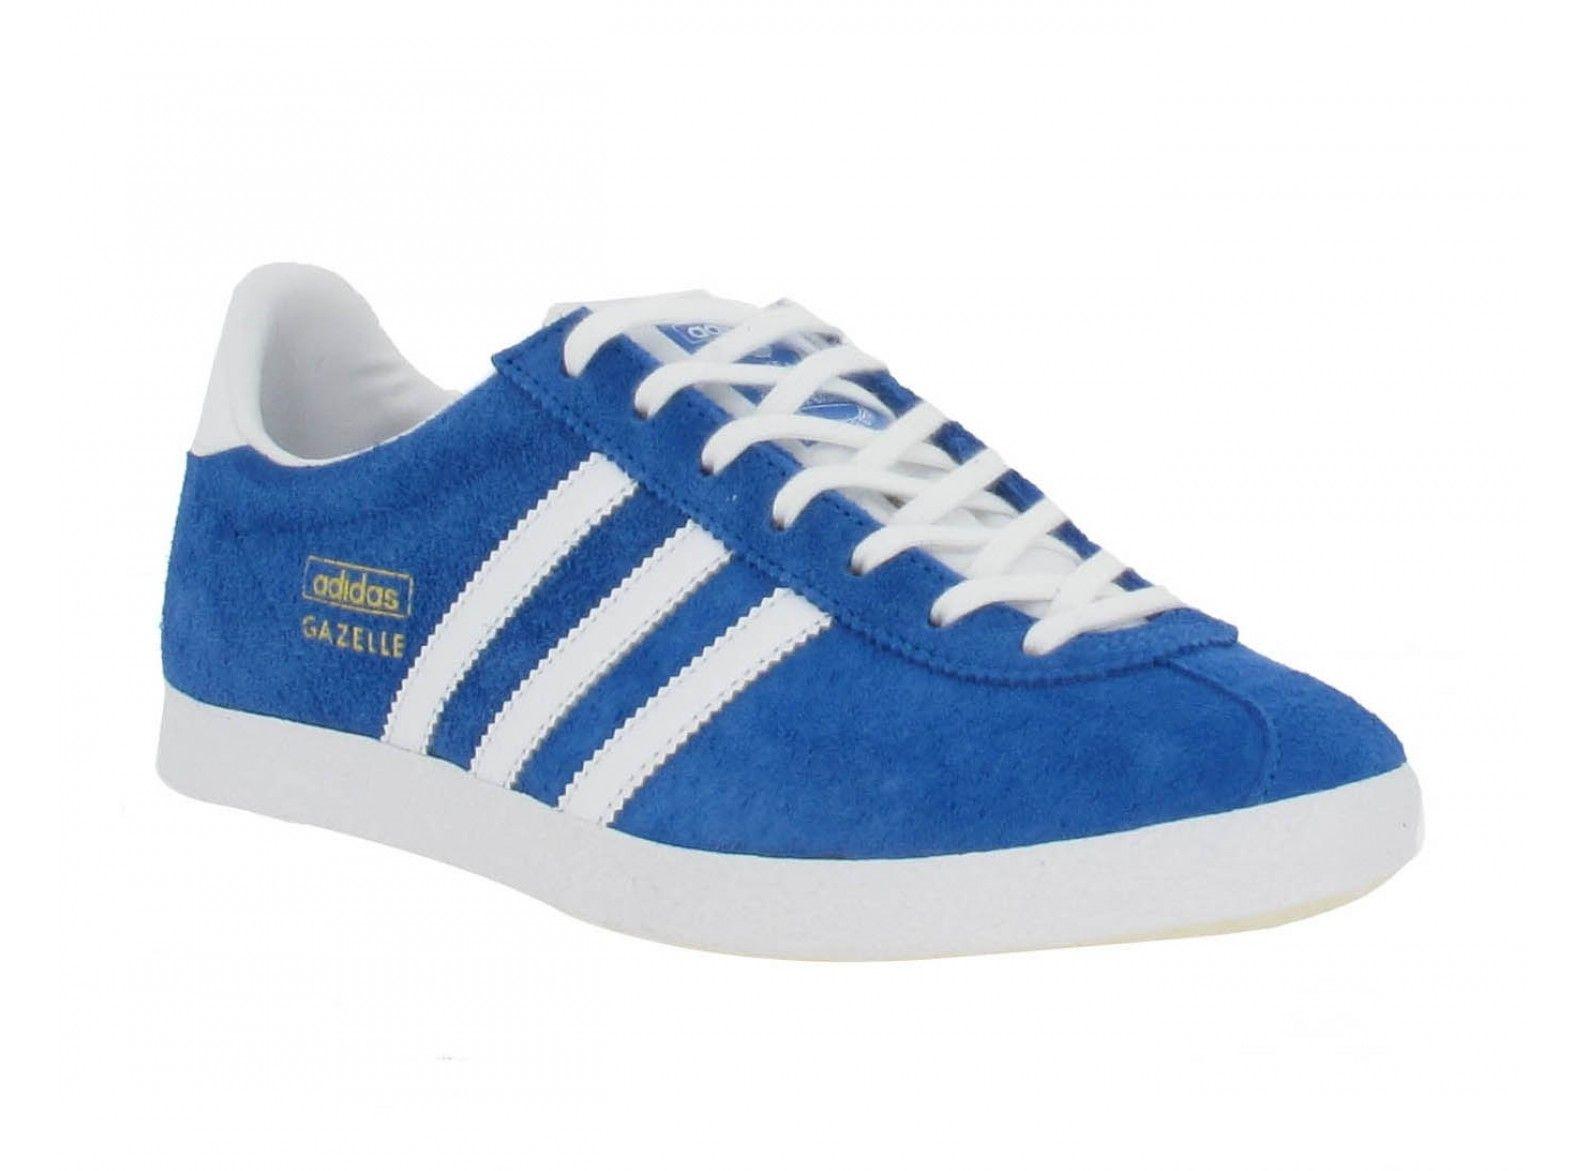 Gazelle Adidas Femme Bleu Marine